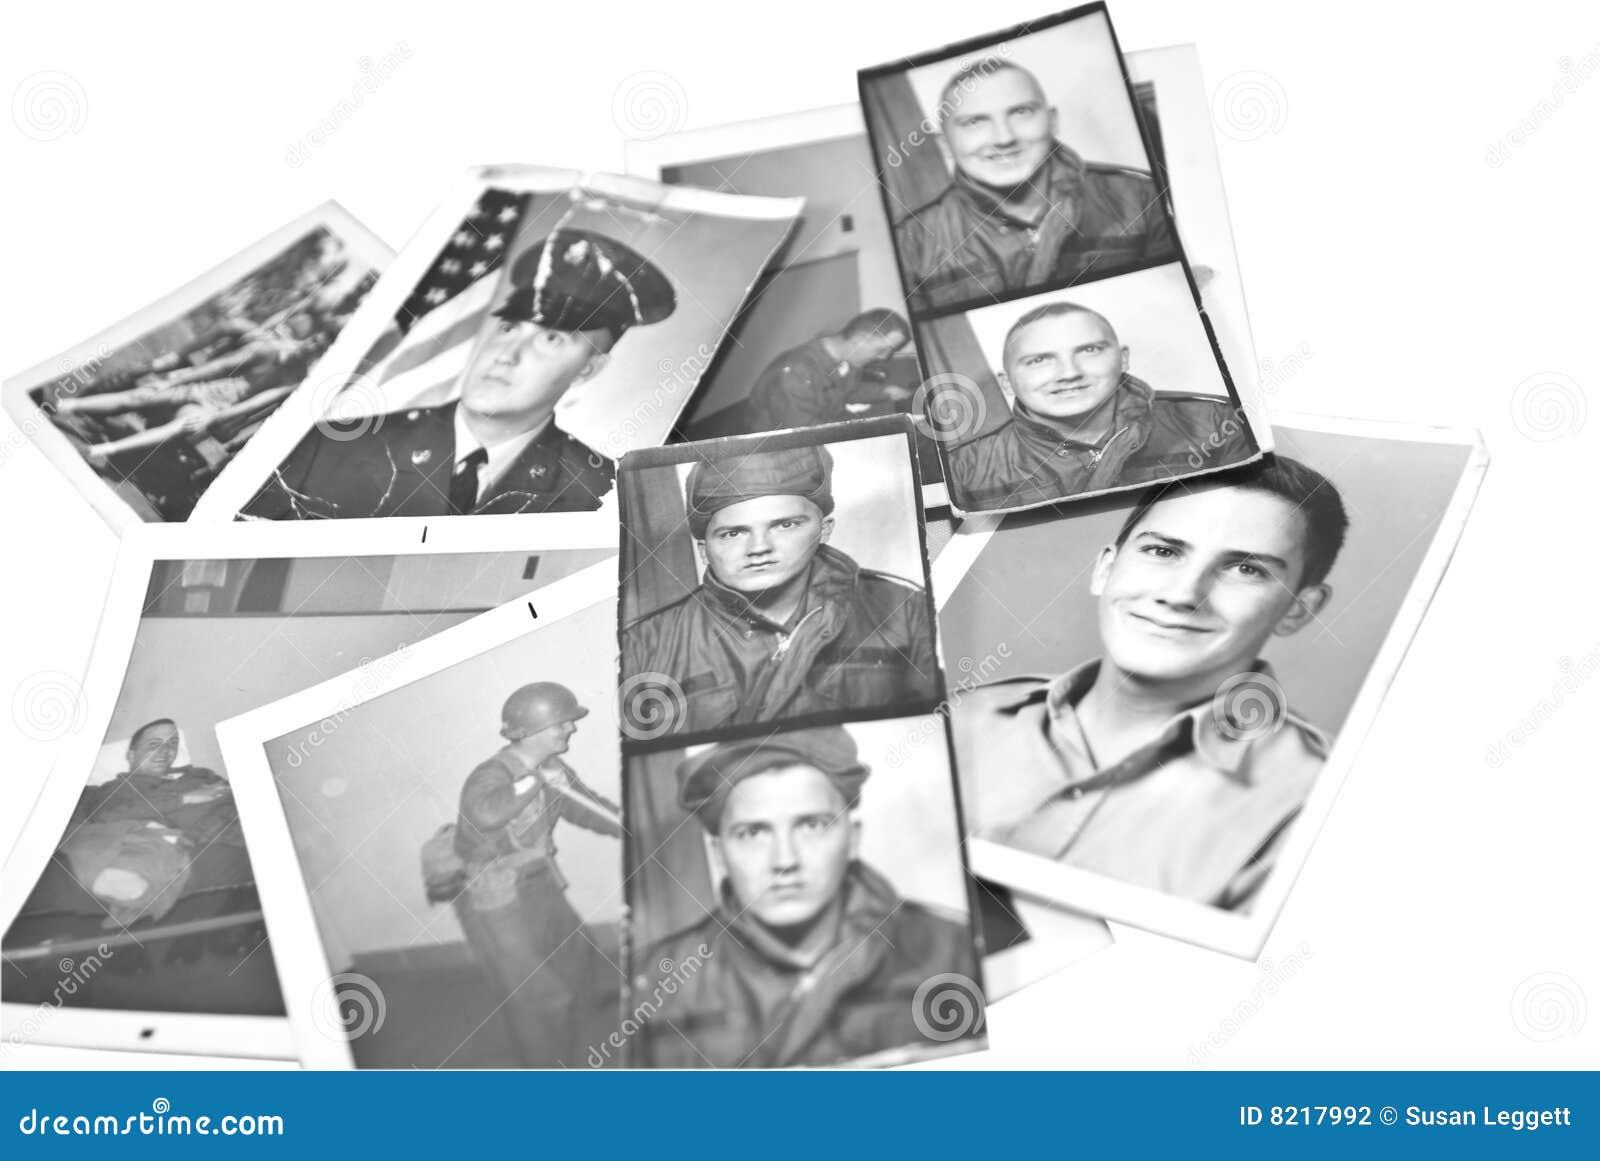 Retro tappning för militära foto